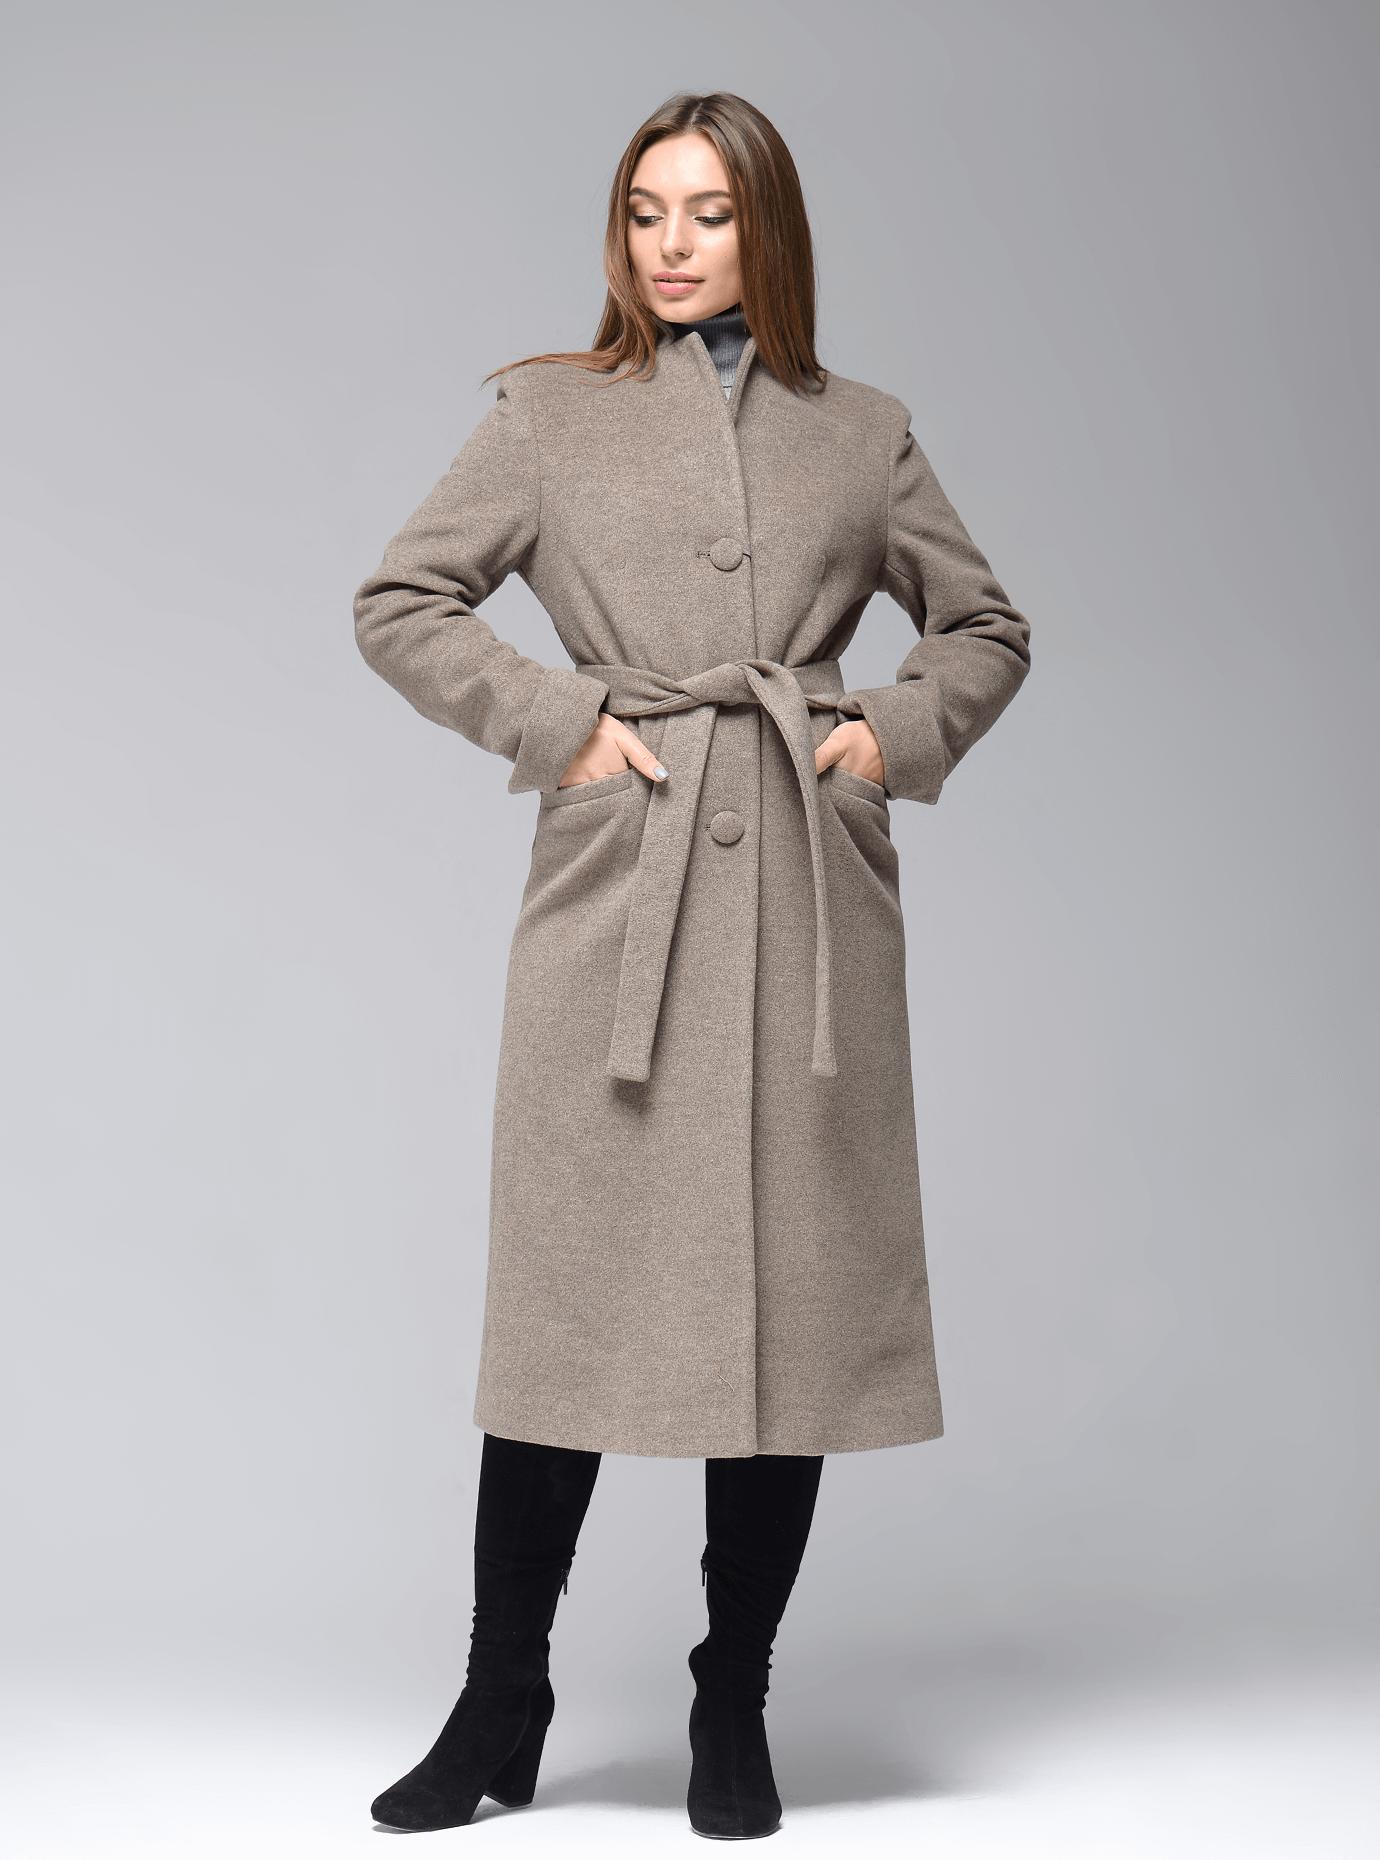 Пальто демисезонное длинное с поясом Серый 42 (07-P17014): фото - Alster.ua